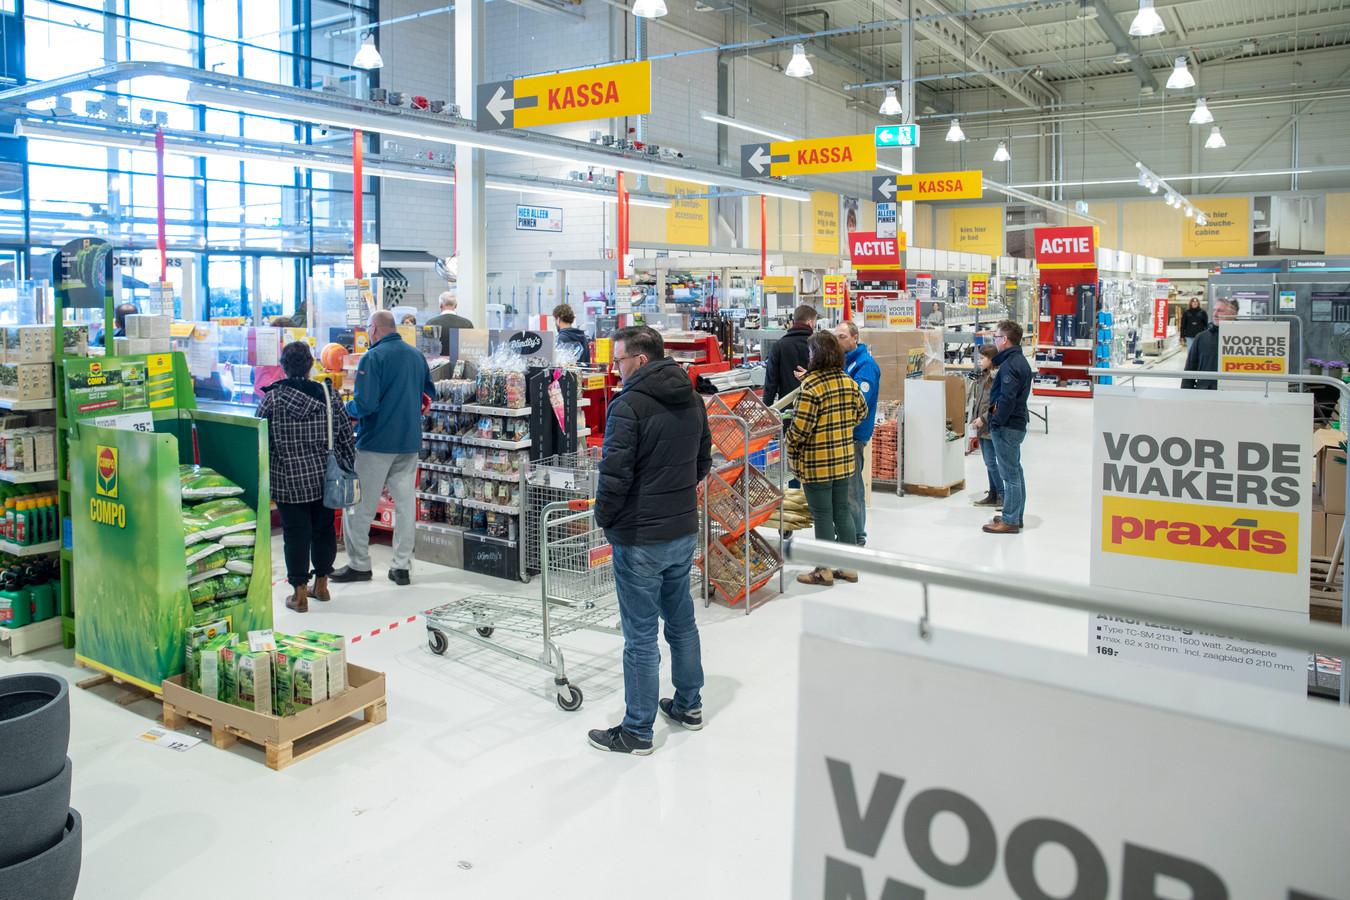 Drukte bij de bouwmarkten. foto: Herman Stöver t.b.v. de Gelderlander DGFOTO de Vallei